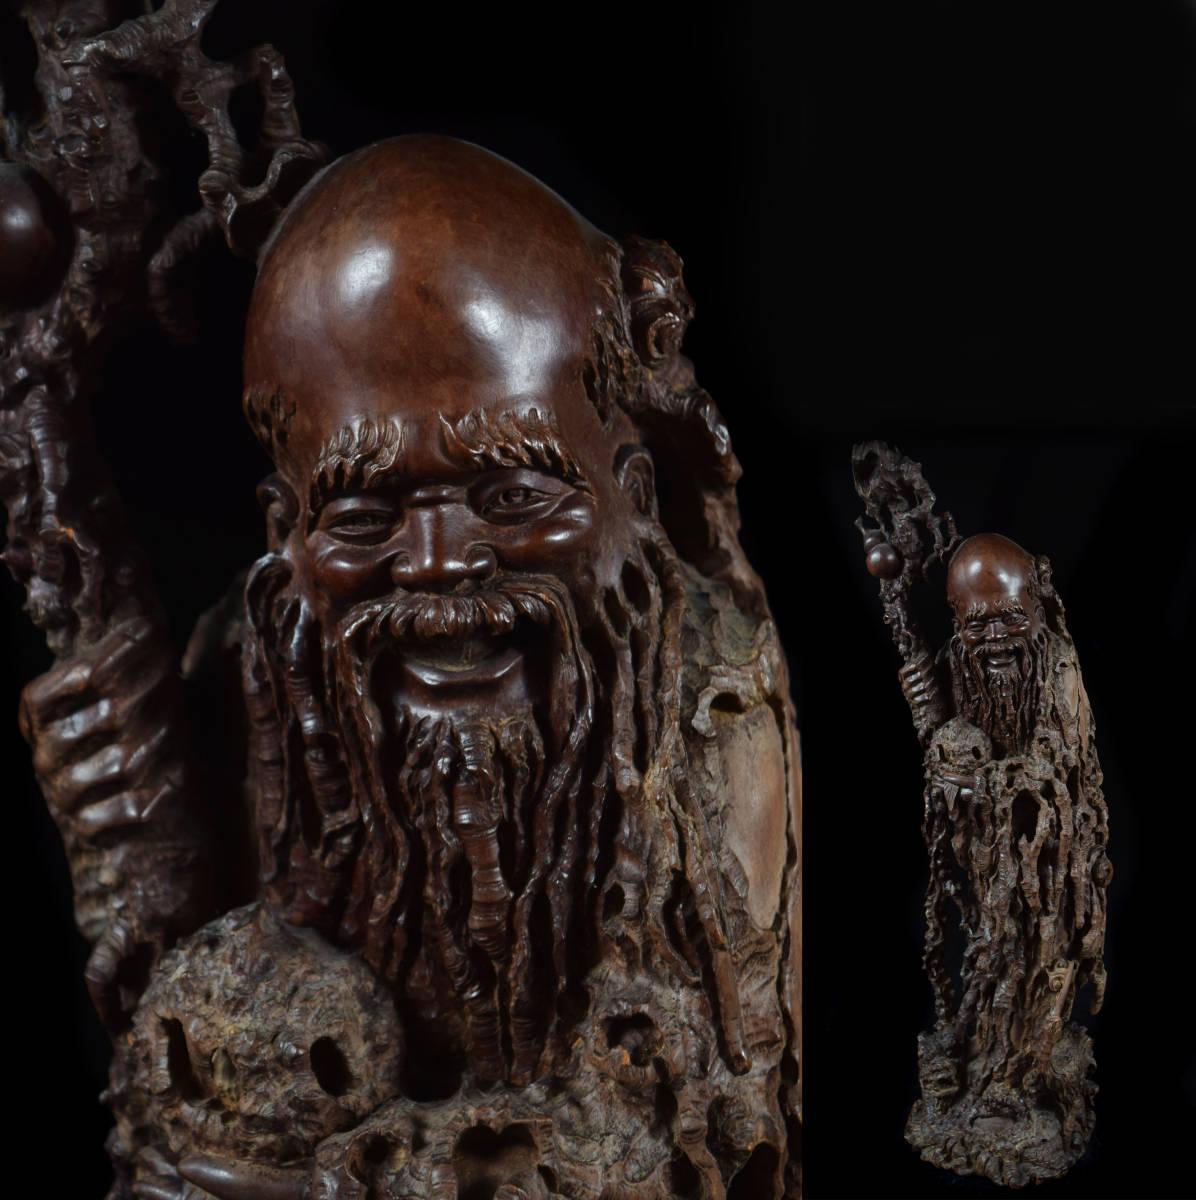 中国古玩 唐物 唐木細密彫刻細工 寿老人置物 高さ56㎝ 古美術品(旧家蔵出)b612_画像1